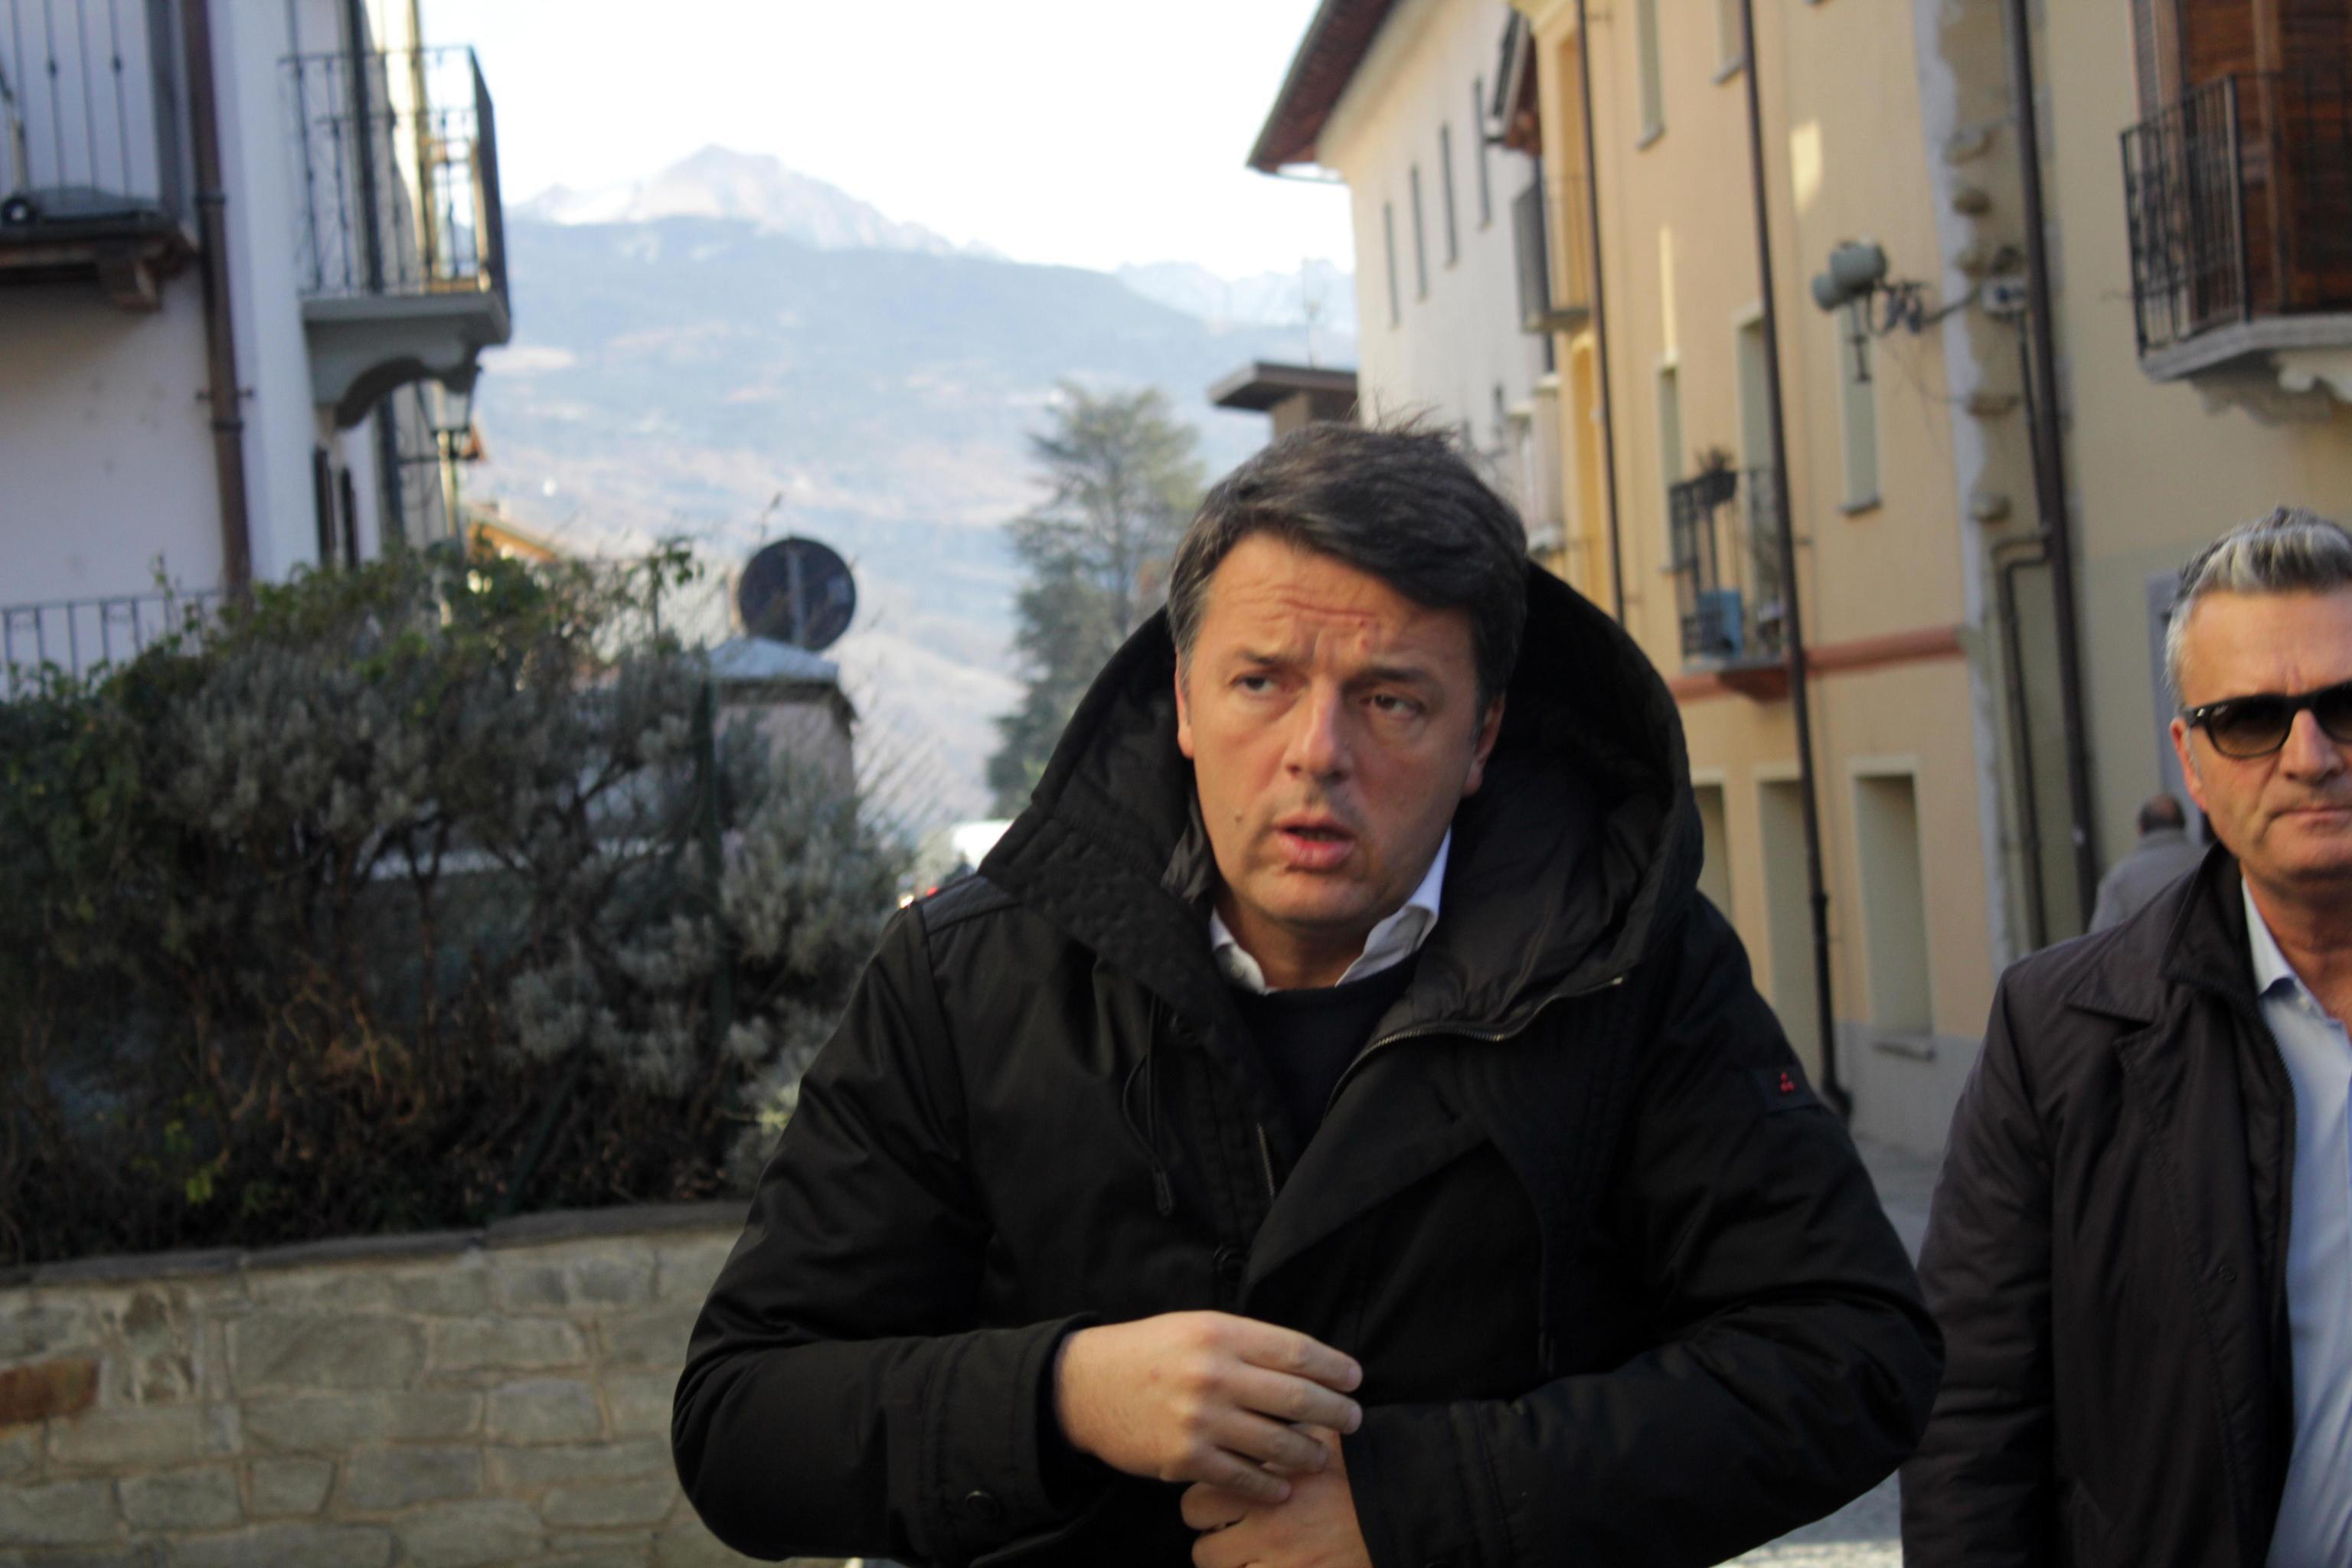 Renzi, reintrodurre l'articolo 18? Mai